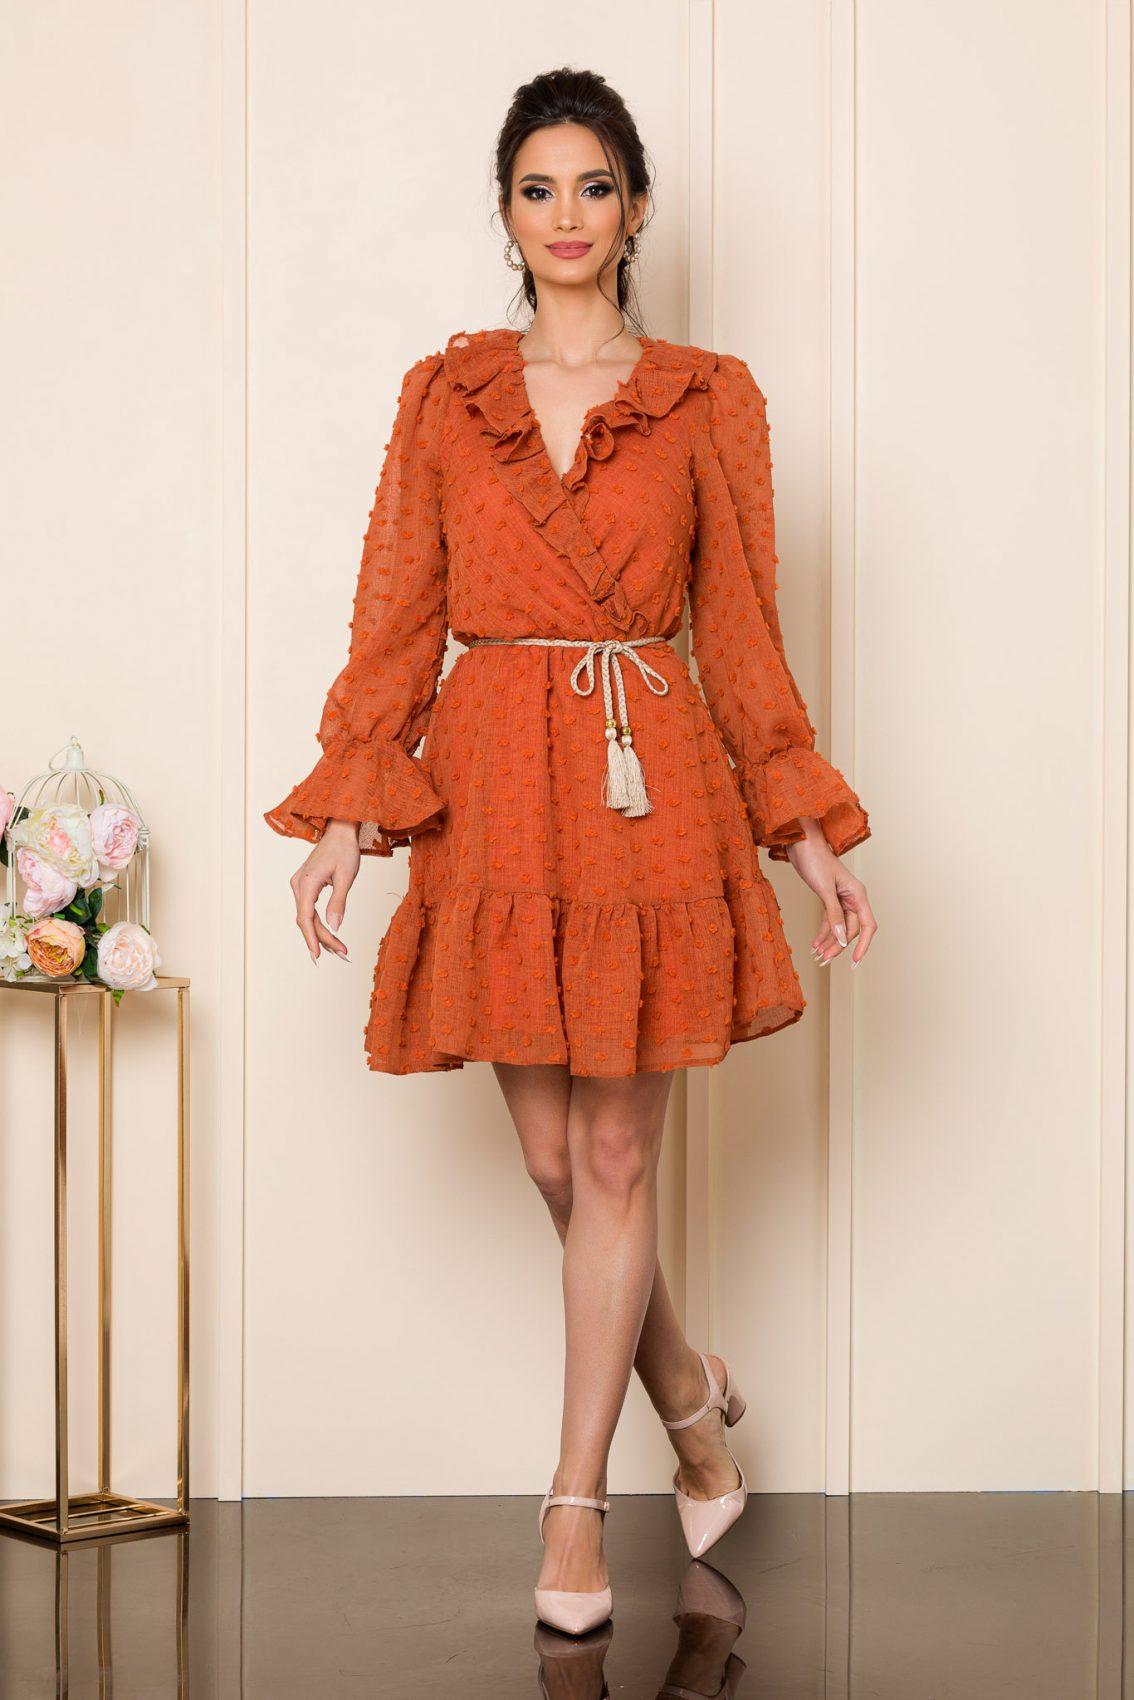 Κεραμιδί Μίνι Φόρεμα Με Βολάν Willow 9809 1